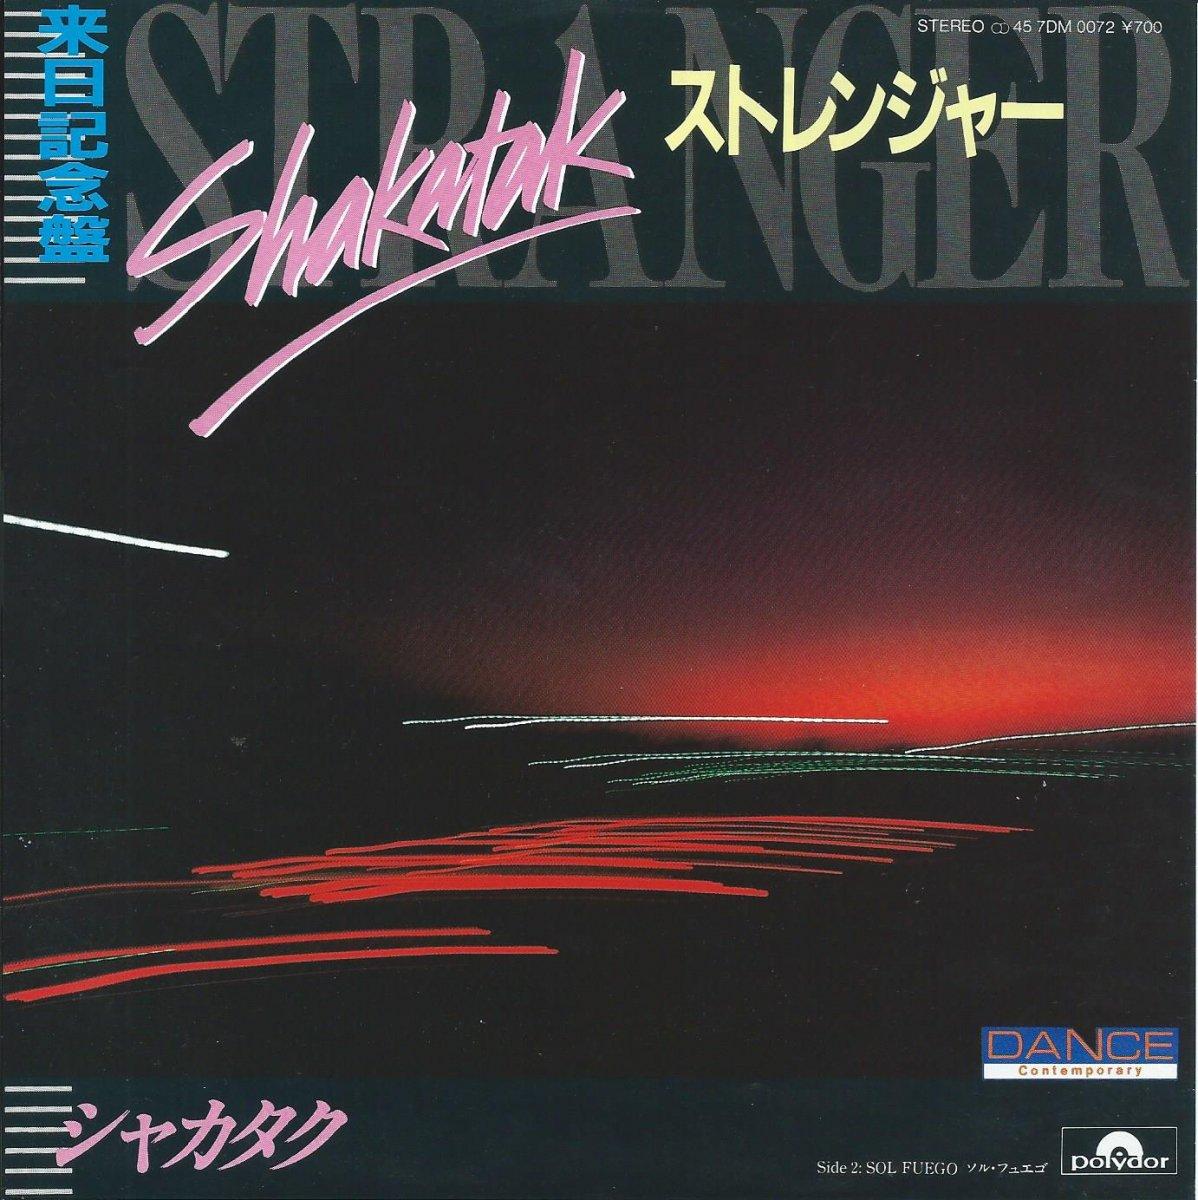 シャカタク SHAKATAK / ストレンジャー STRANGER (7